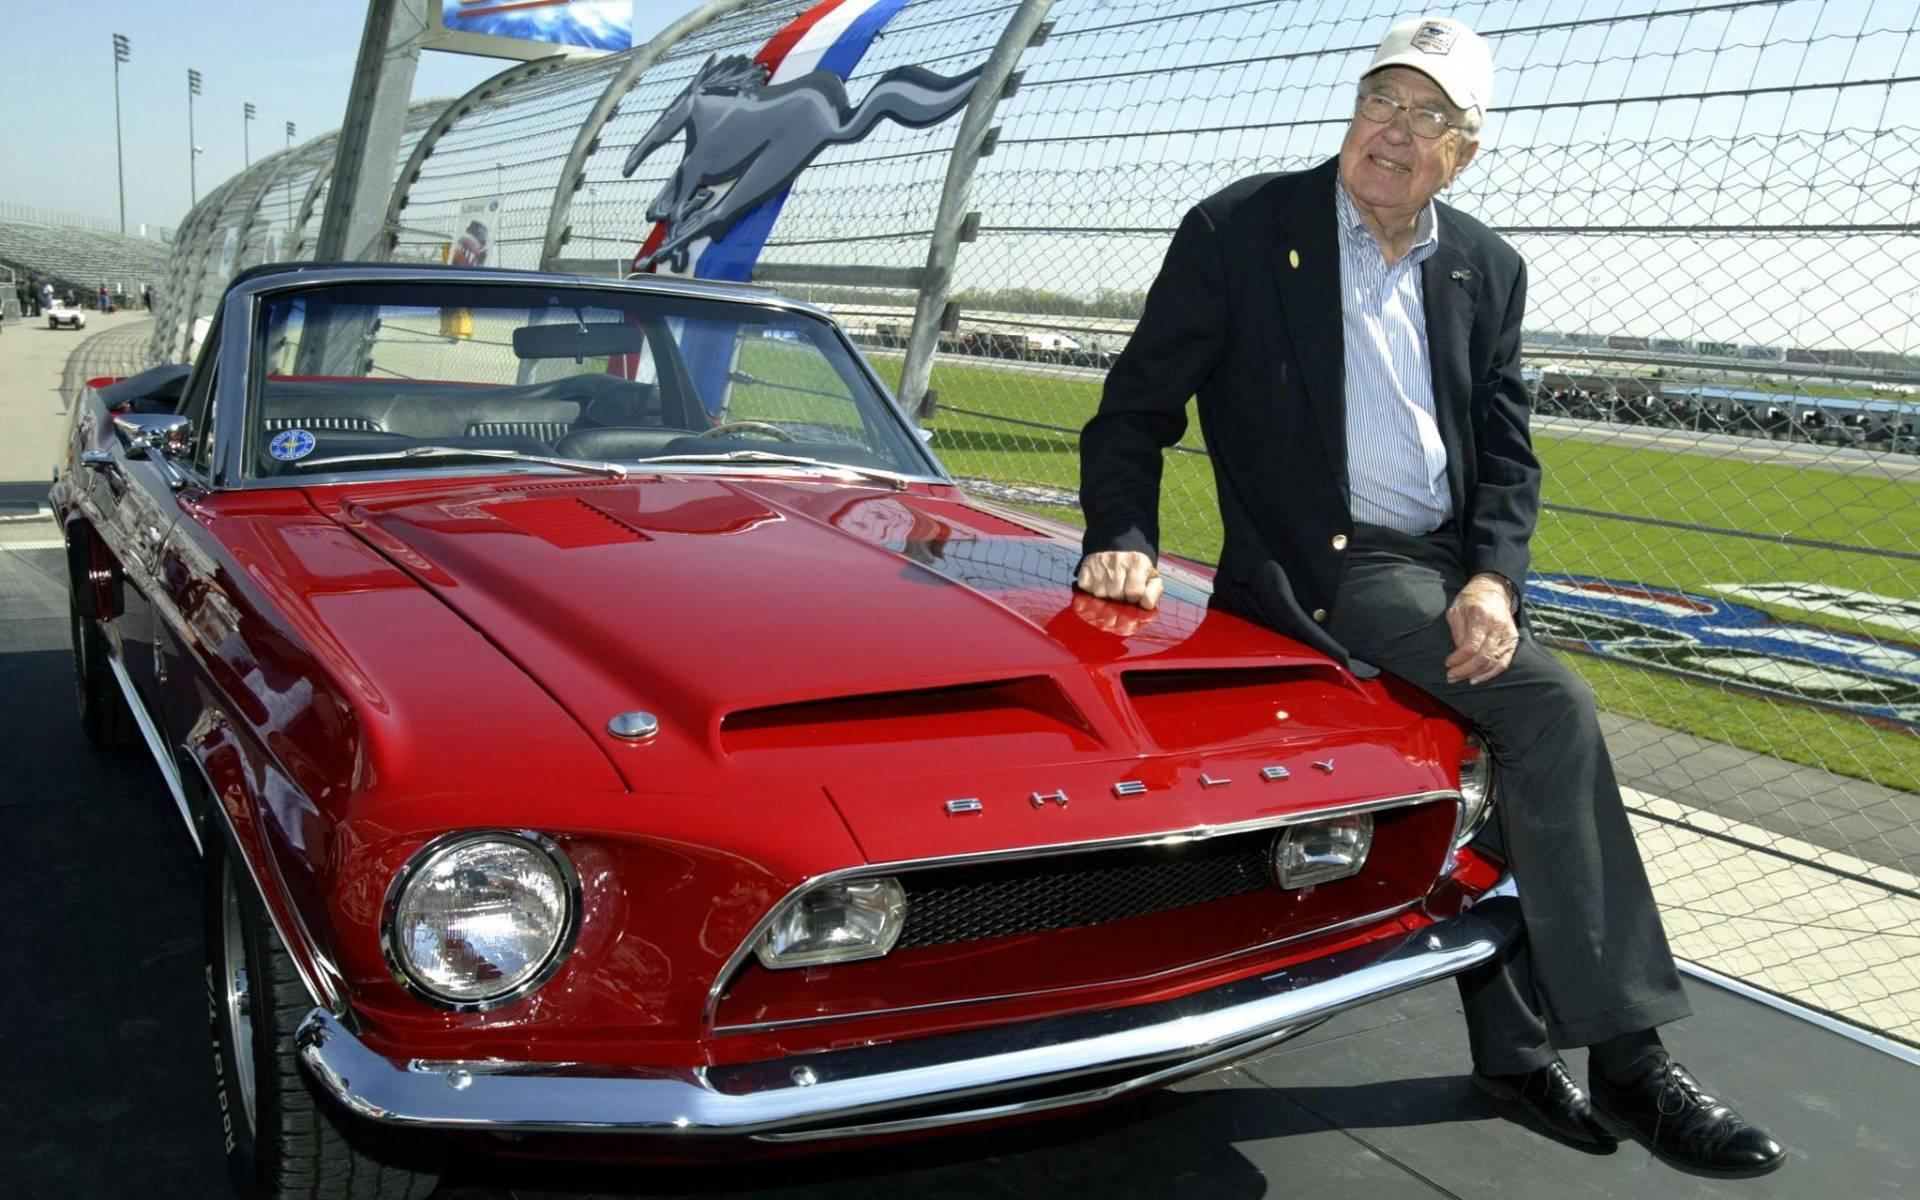 Saviez-vous que Carroll Shelby a travaillé pour… Toyota ? 421306-saviez-vous-que-carroll-shelby-a-travaille-pour-toyota